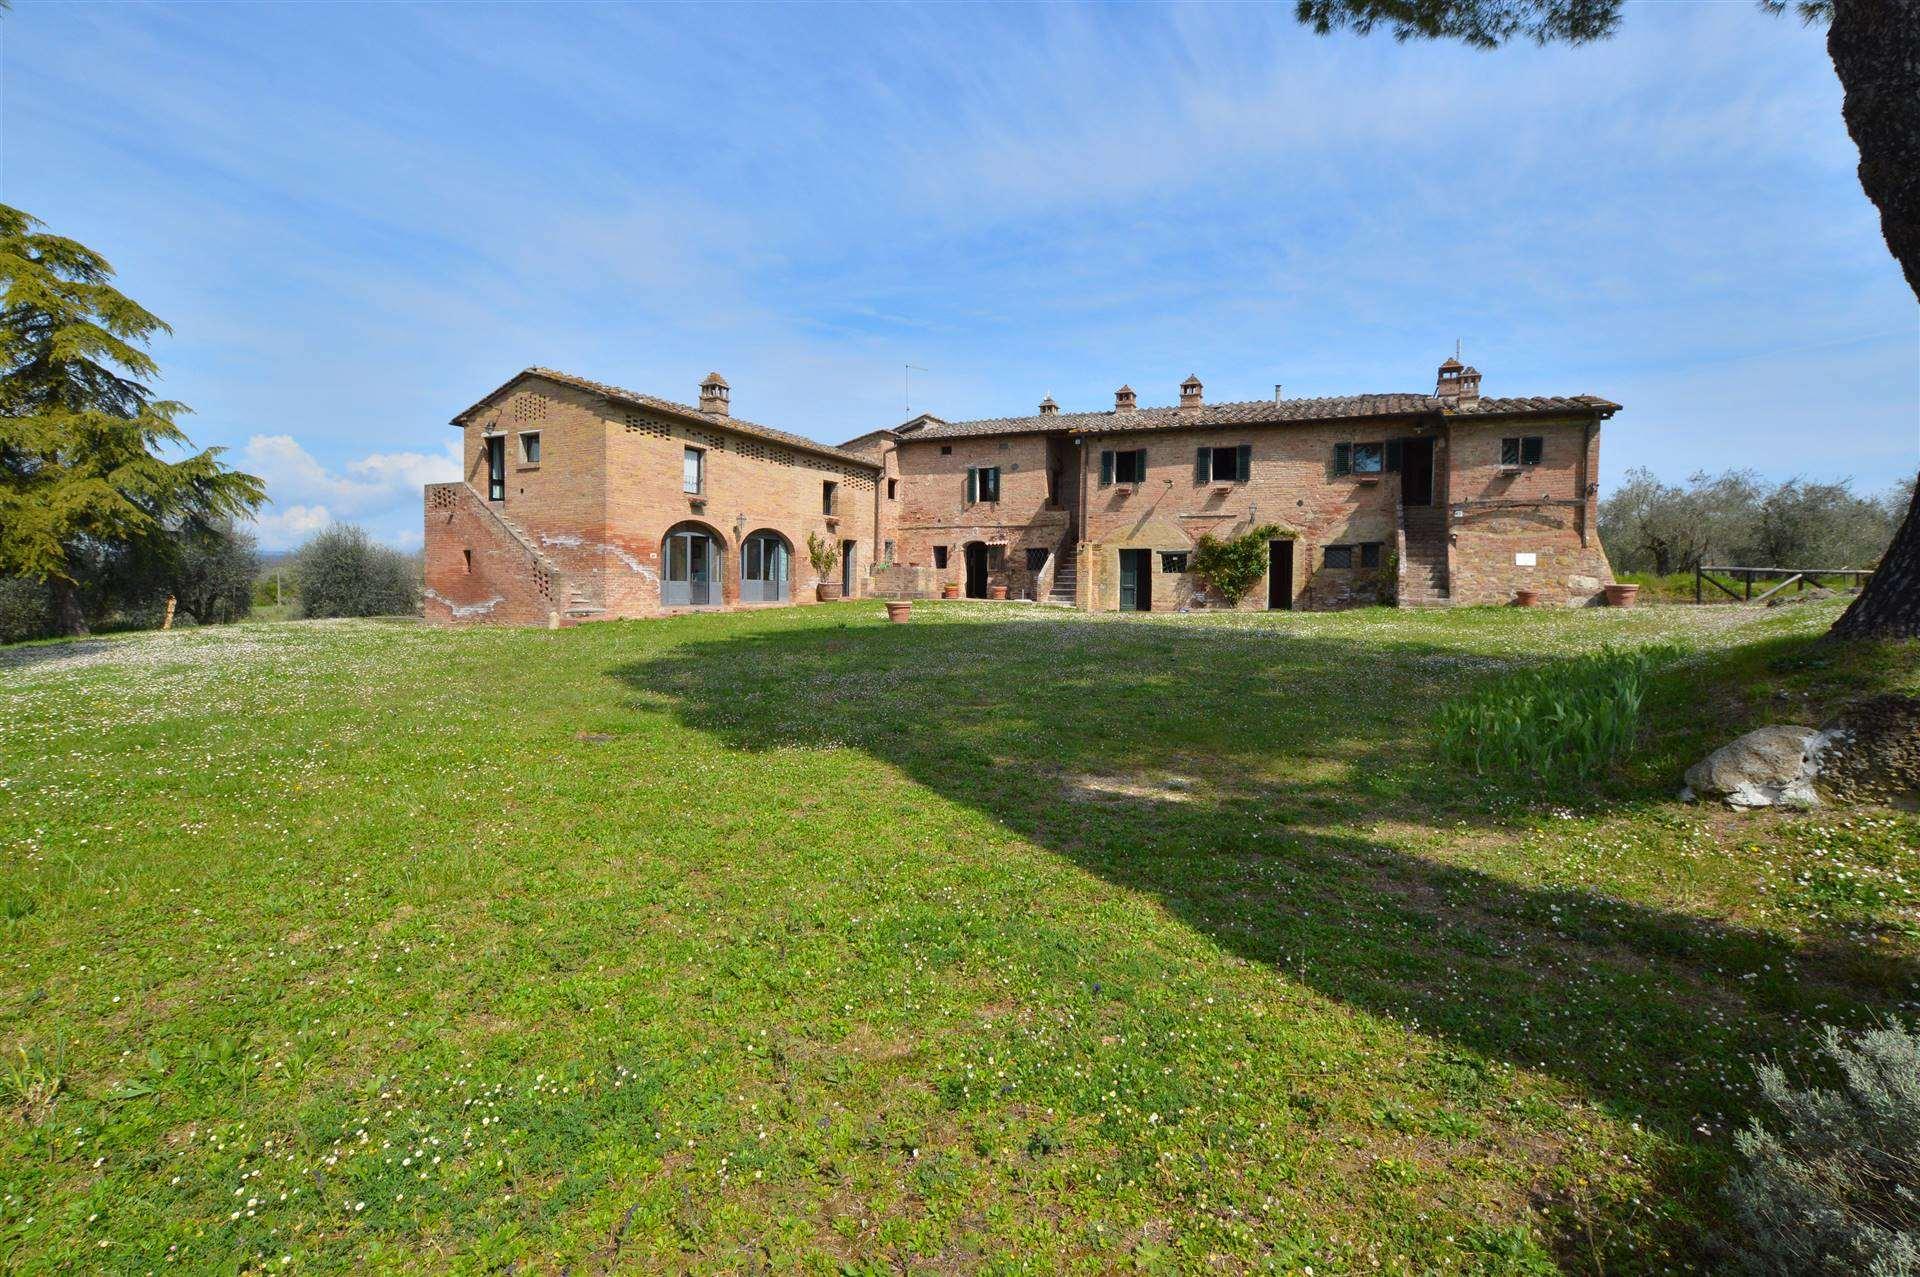 Siena, in campagna a pochi km dal Centro Storico con splendida vista sulle colline circostanti, proponiamo bellissimo casale in mattoni di ca. 650 mq.